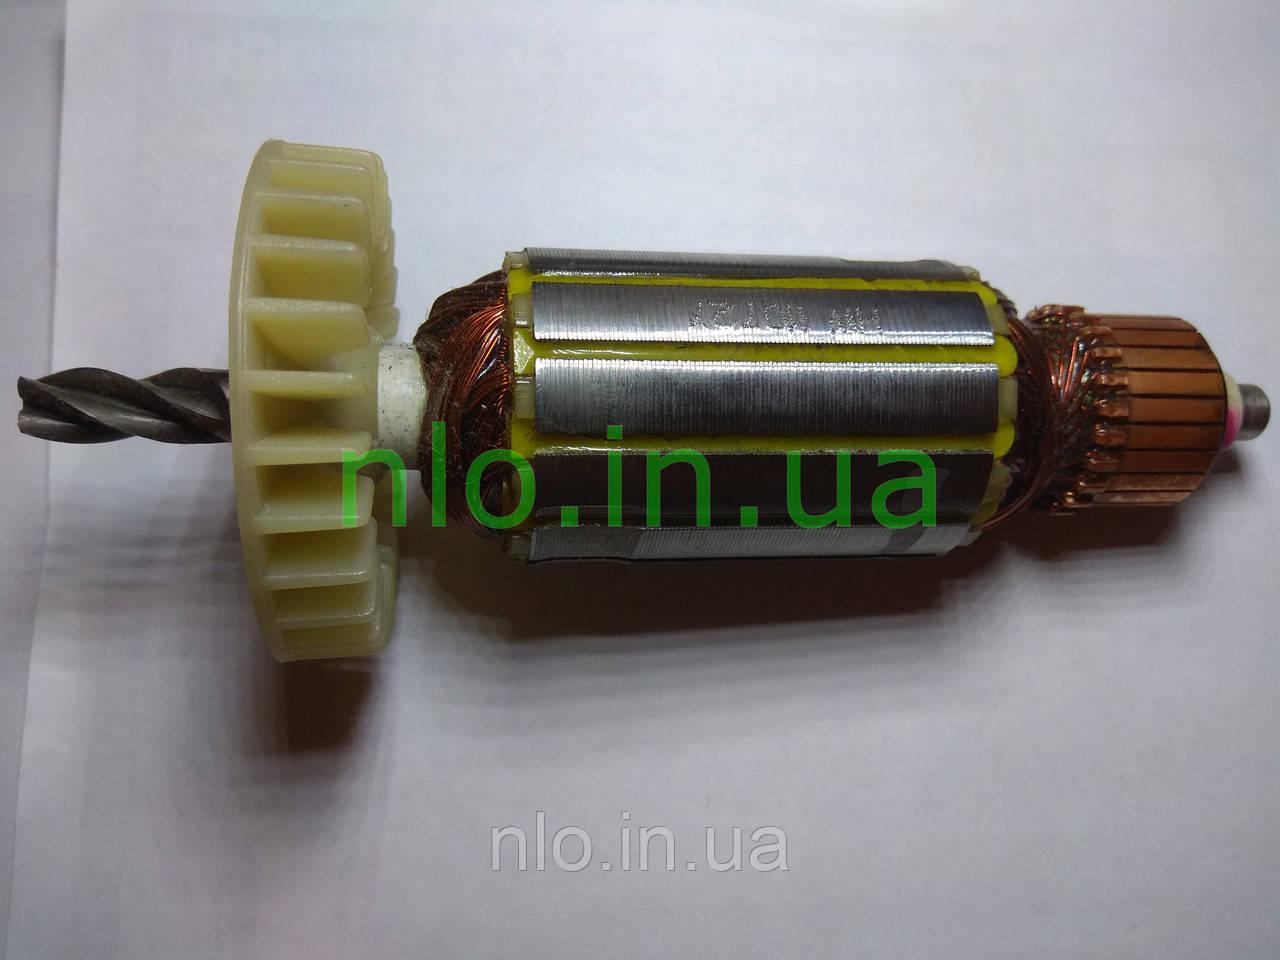 Якорь перфоратора горизонтального типа Зенит ЗП-1250 (159х39 4 з право)